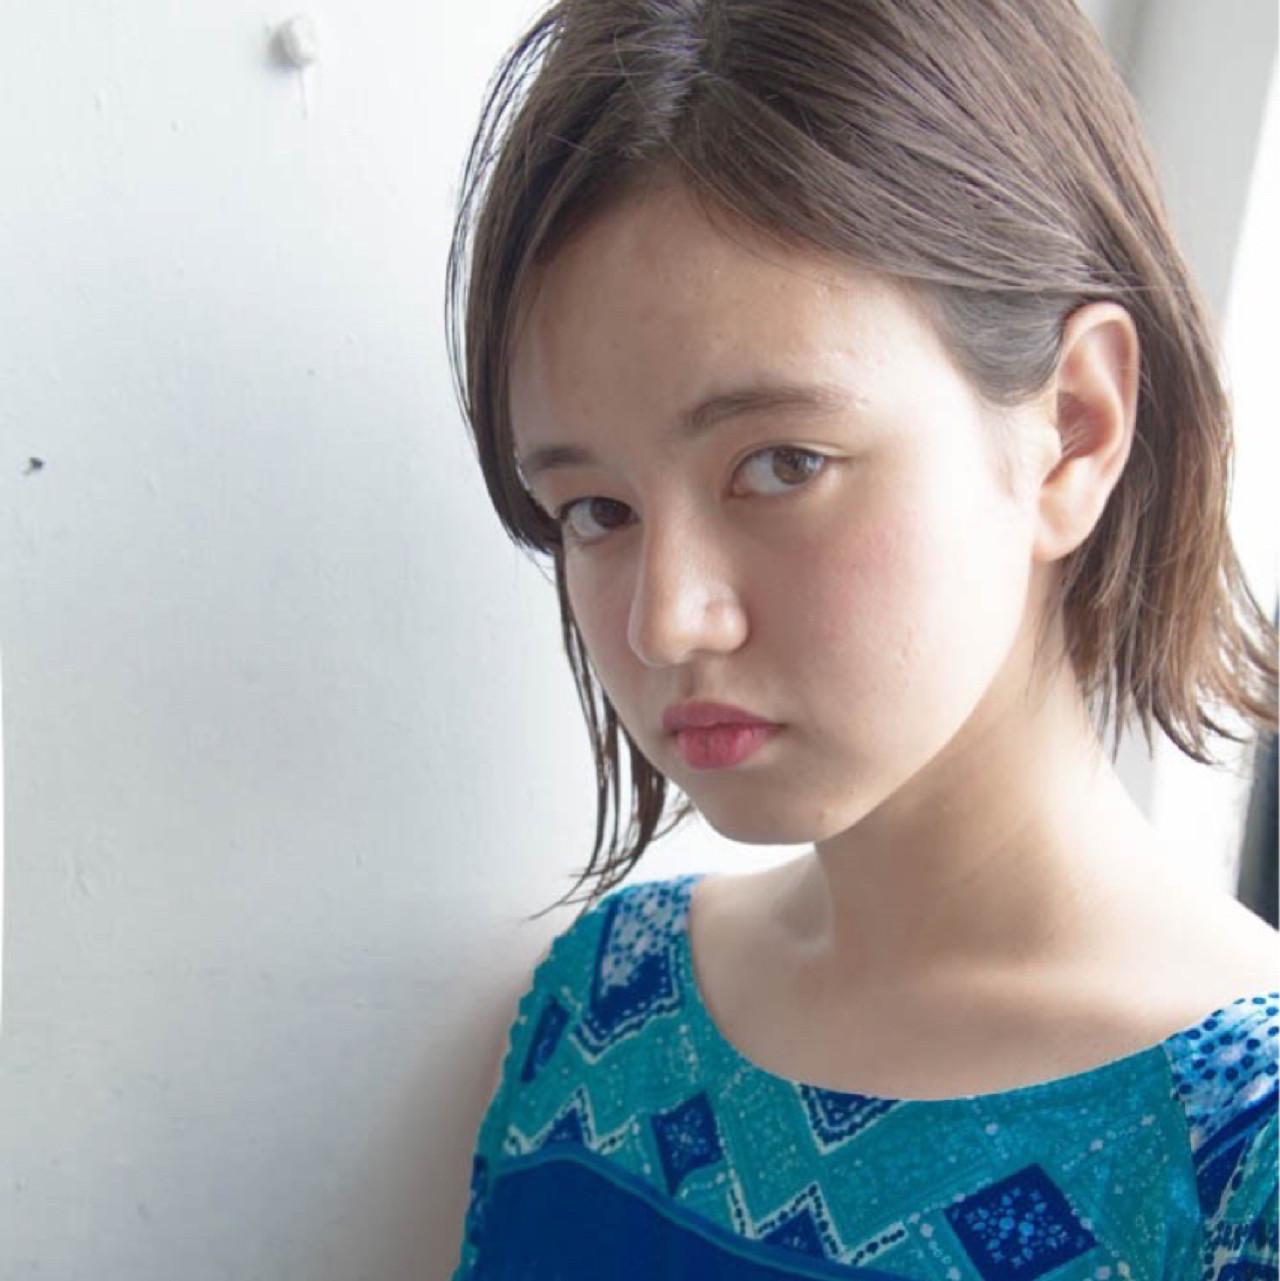 グレージュ ハイライト ボブ 外国人風 ヘアスタイルや髪型の写真・画像 | 小西敬二郎 / Heartim